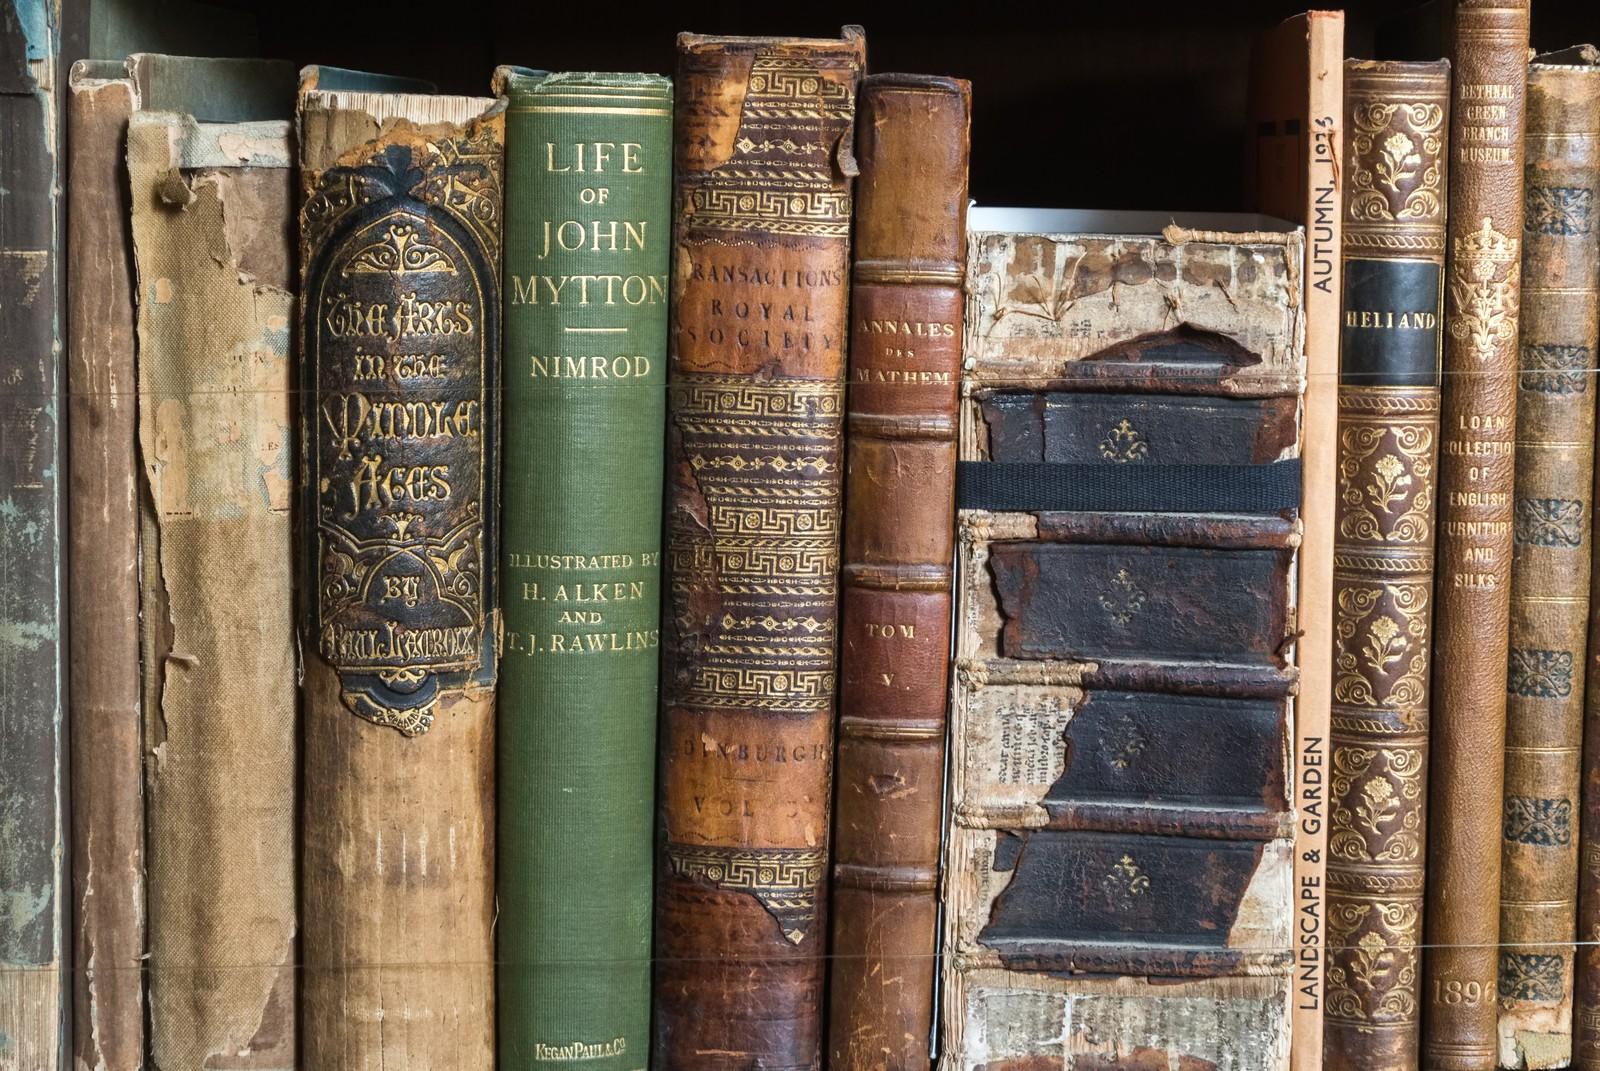 薄い本厚い本